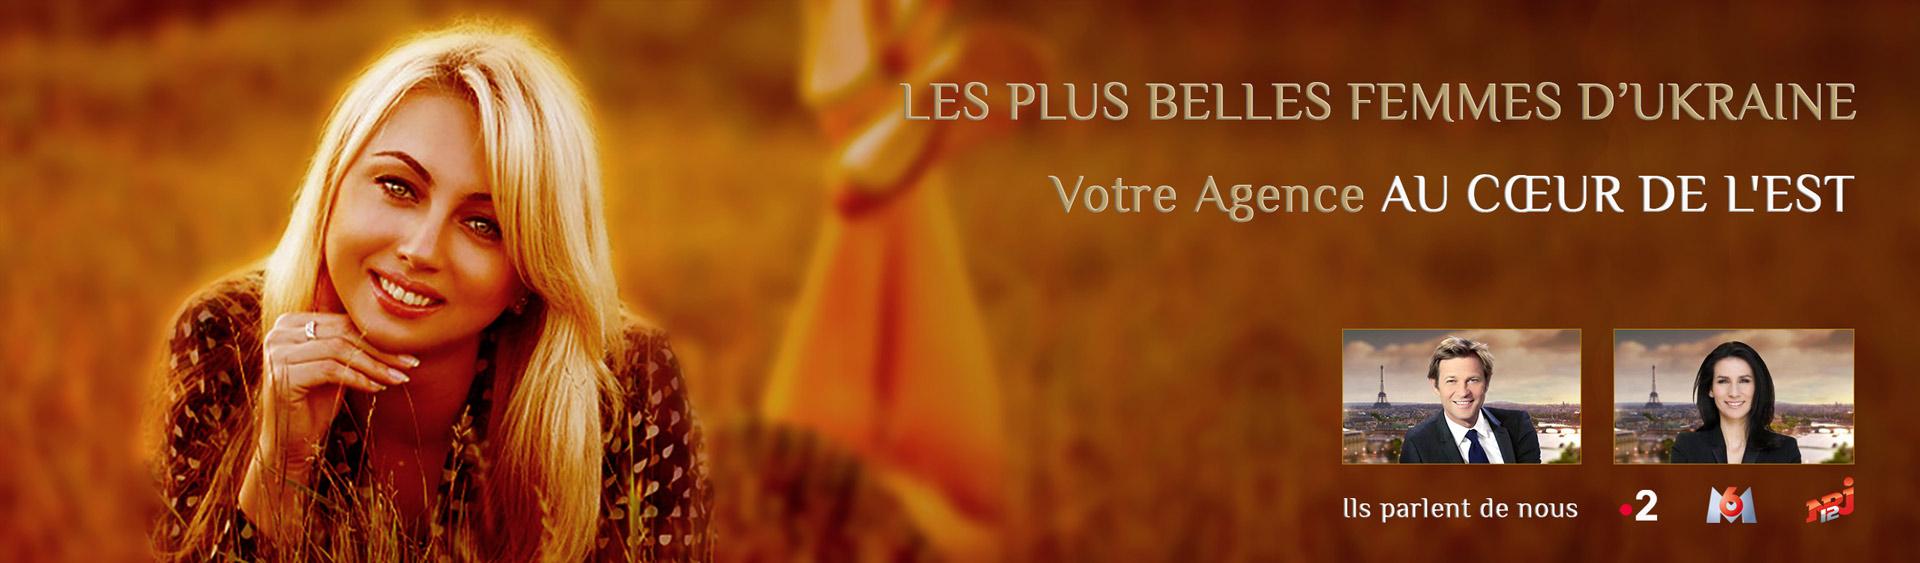 Rencontre belle femme russe et belles femmes ukrainiennes avec agence matrimoniale en France Au Coeur de l'Est